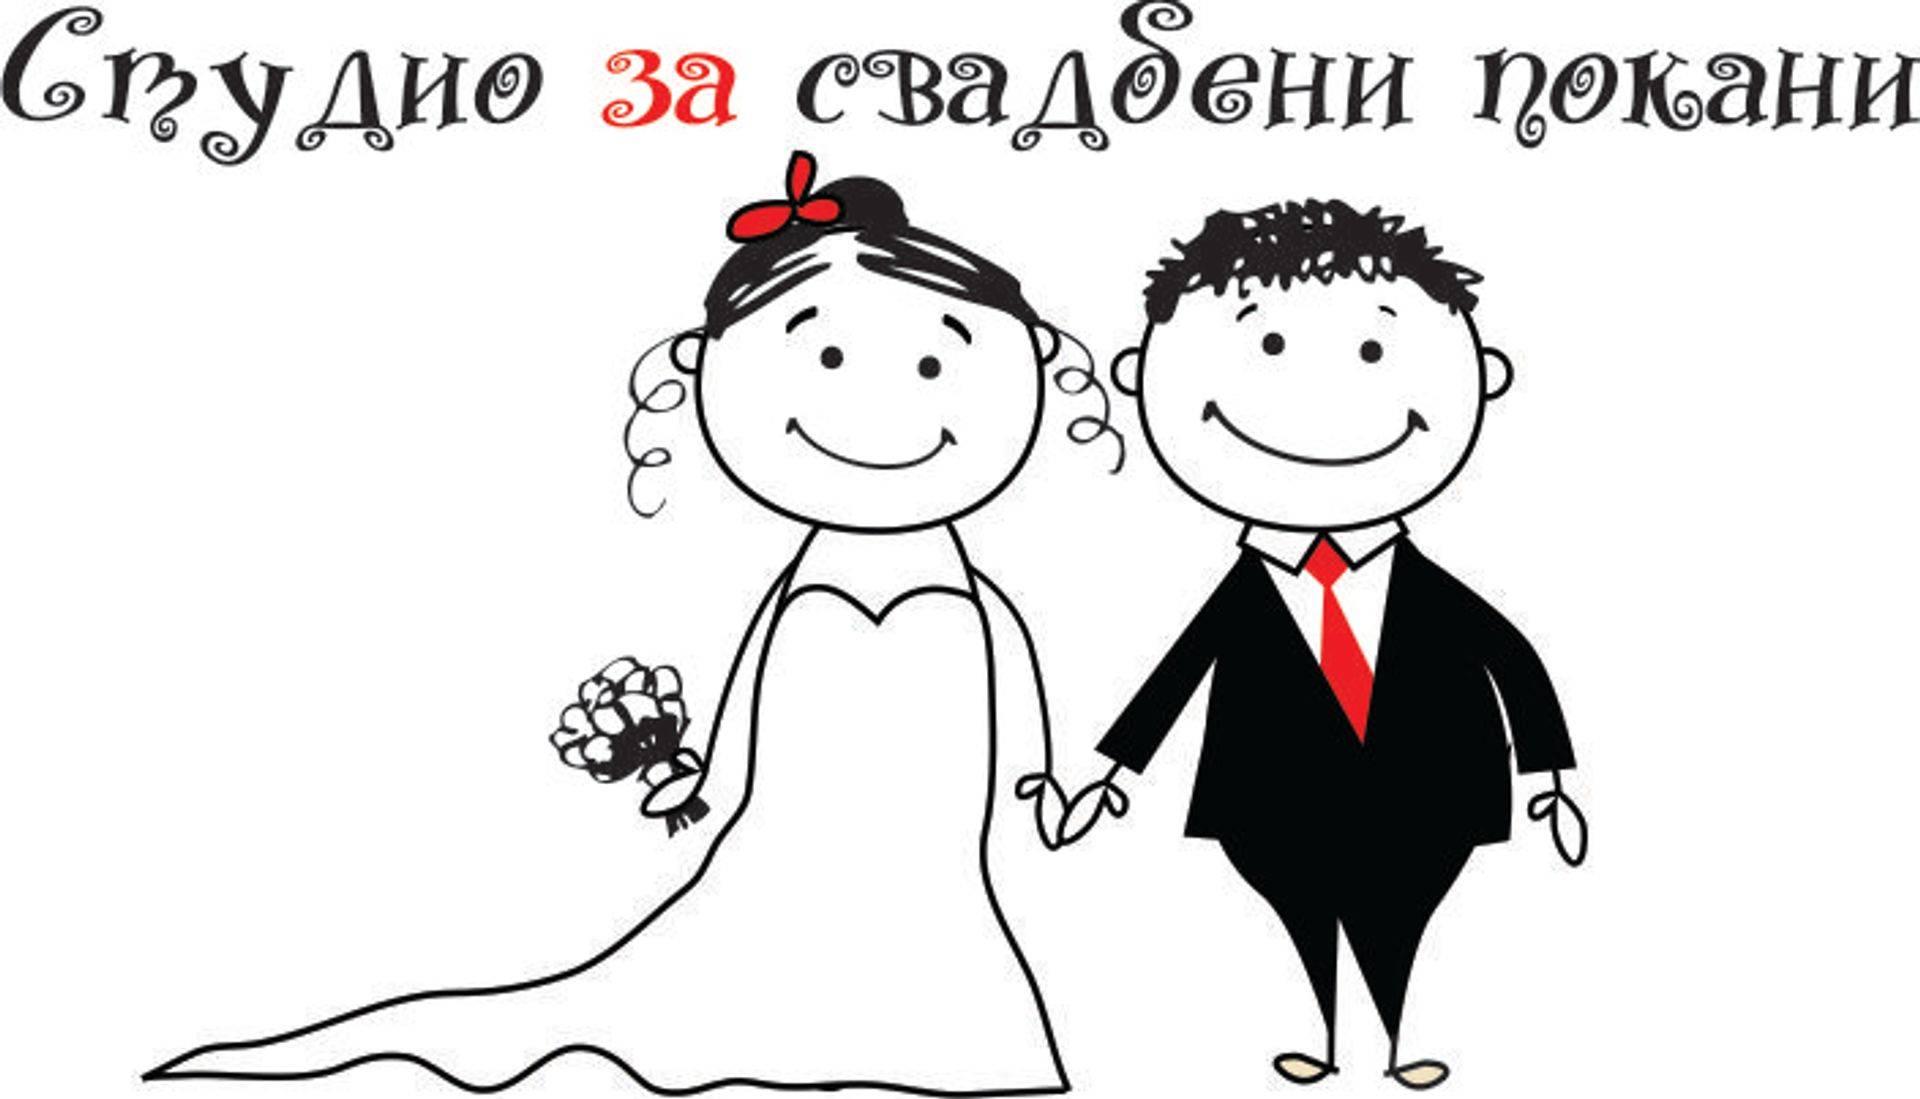 Поздравление на свадьбу от дяди прикольные